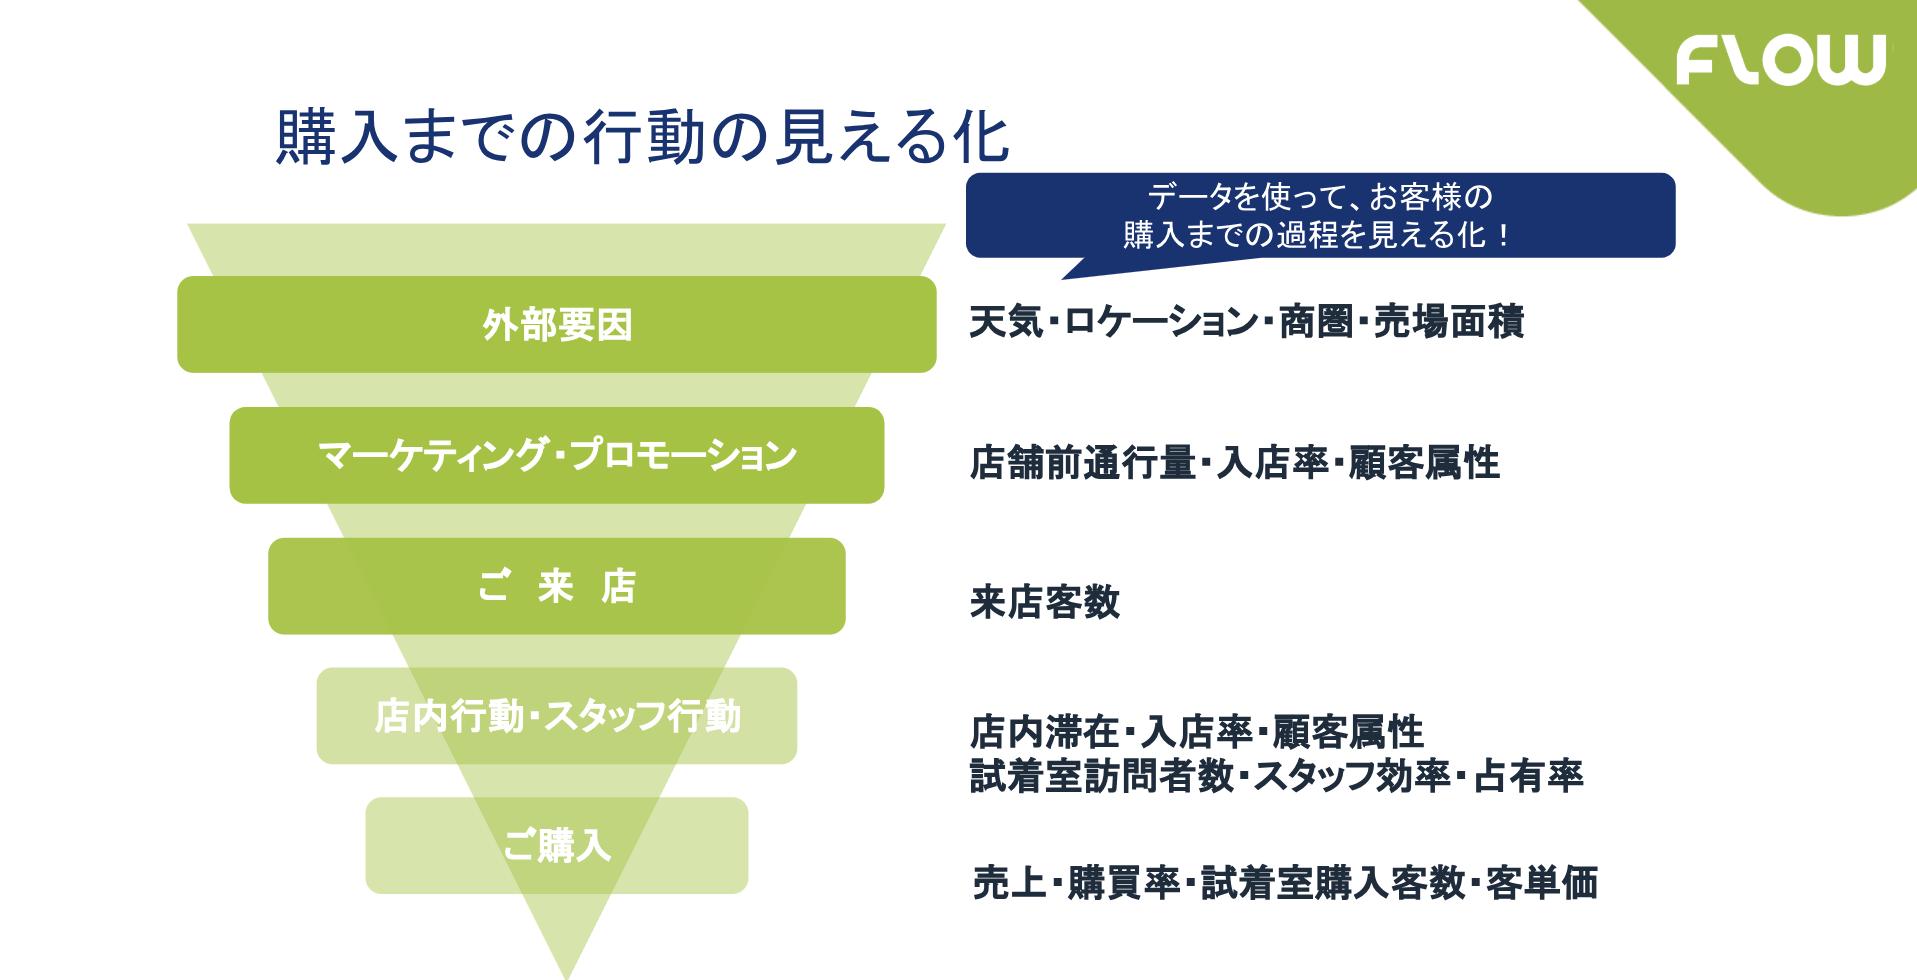 「お客様視点」で考える、小売店舗分析ソリューション 〜導入事例・活用編〜